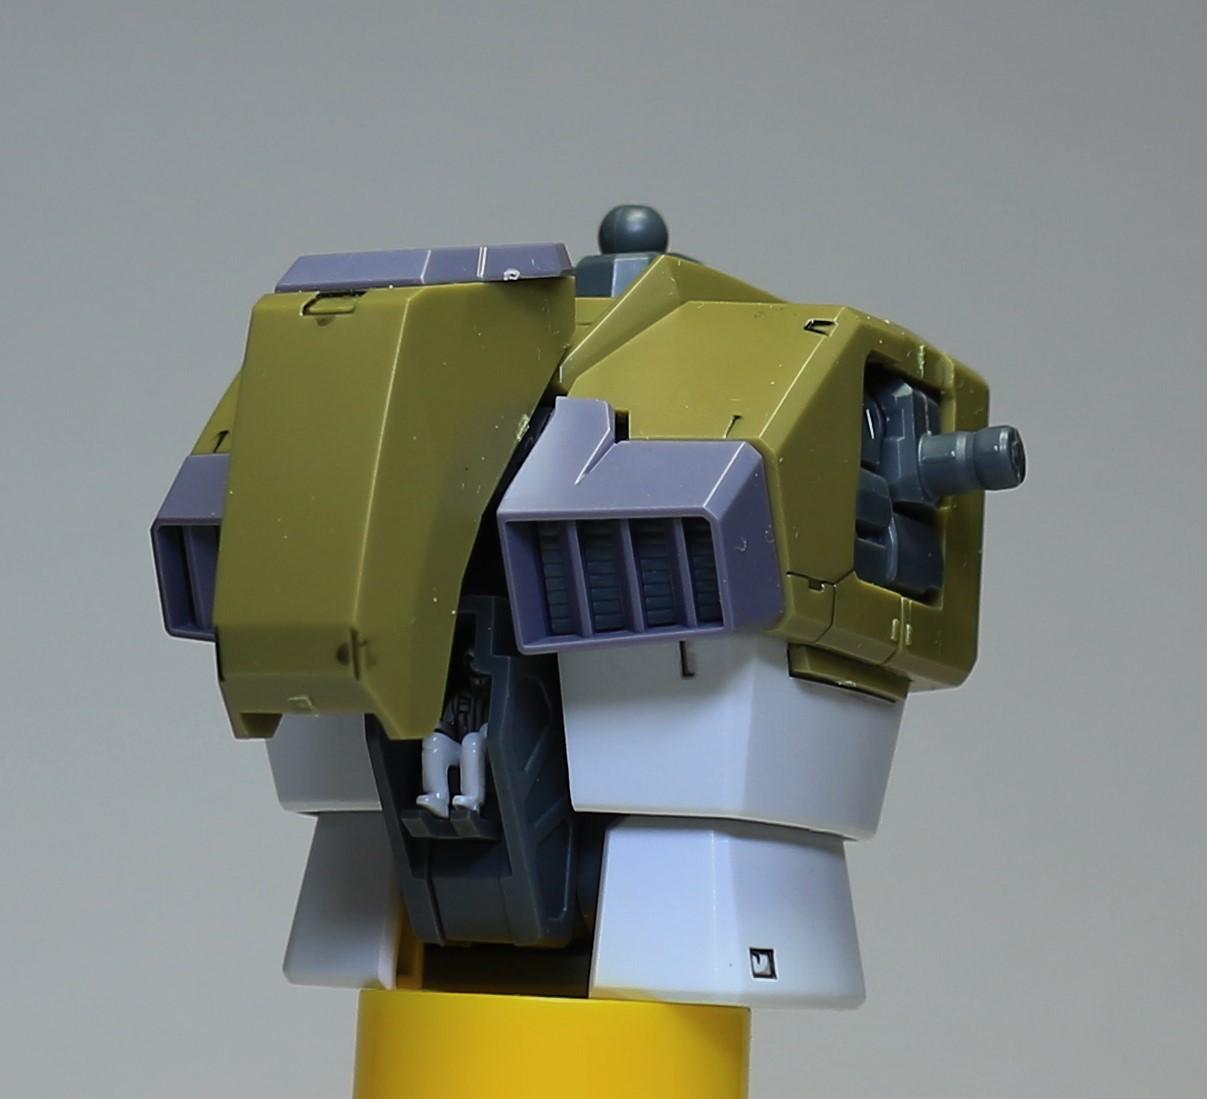 MG-GM_SNIPER_CUSTOM-40.jpg